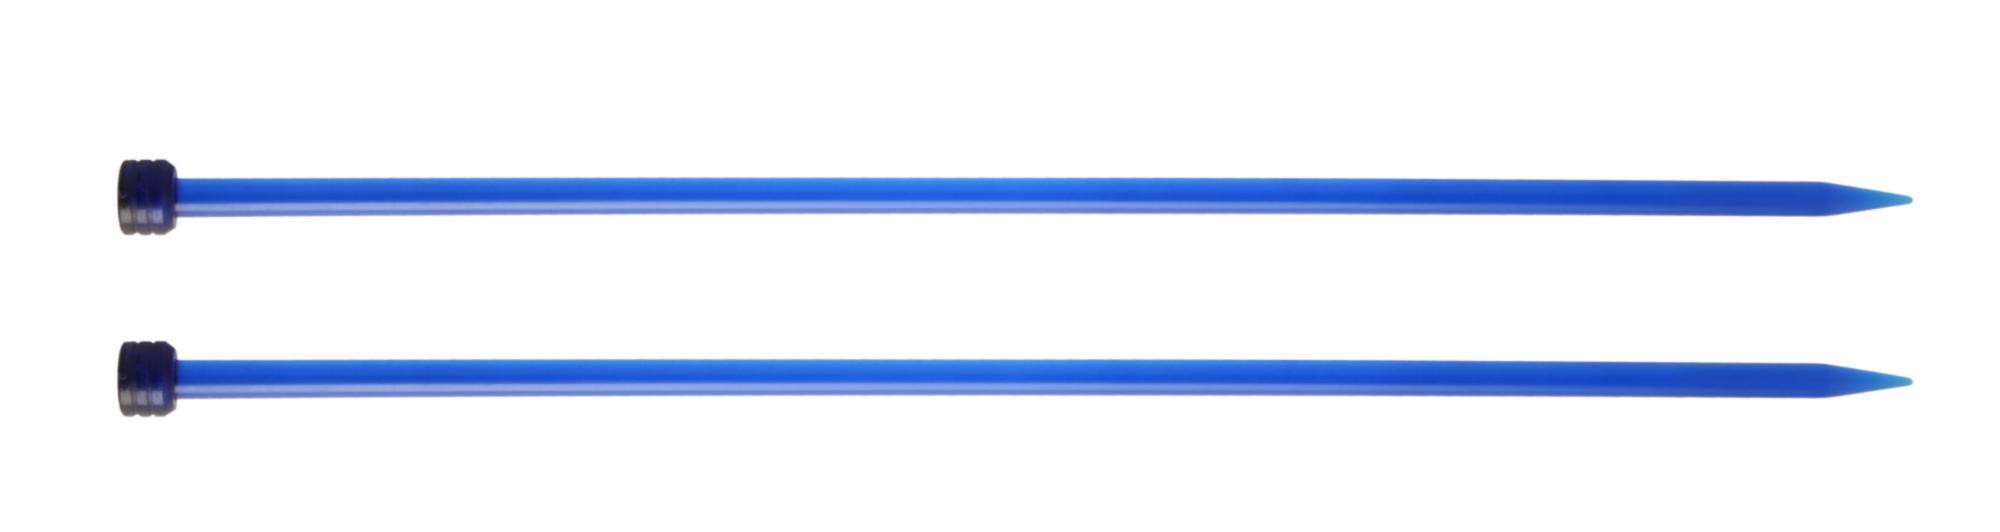 Спицы прямые 30 см Trendz KnitPro, 51196, 6.50 мм